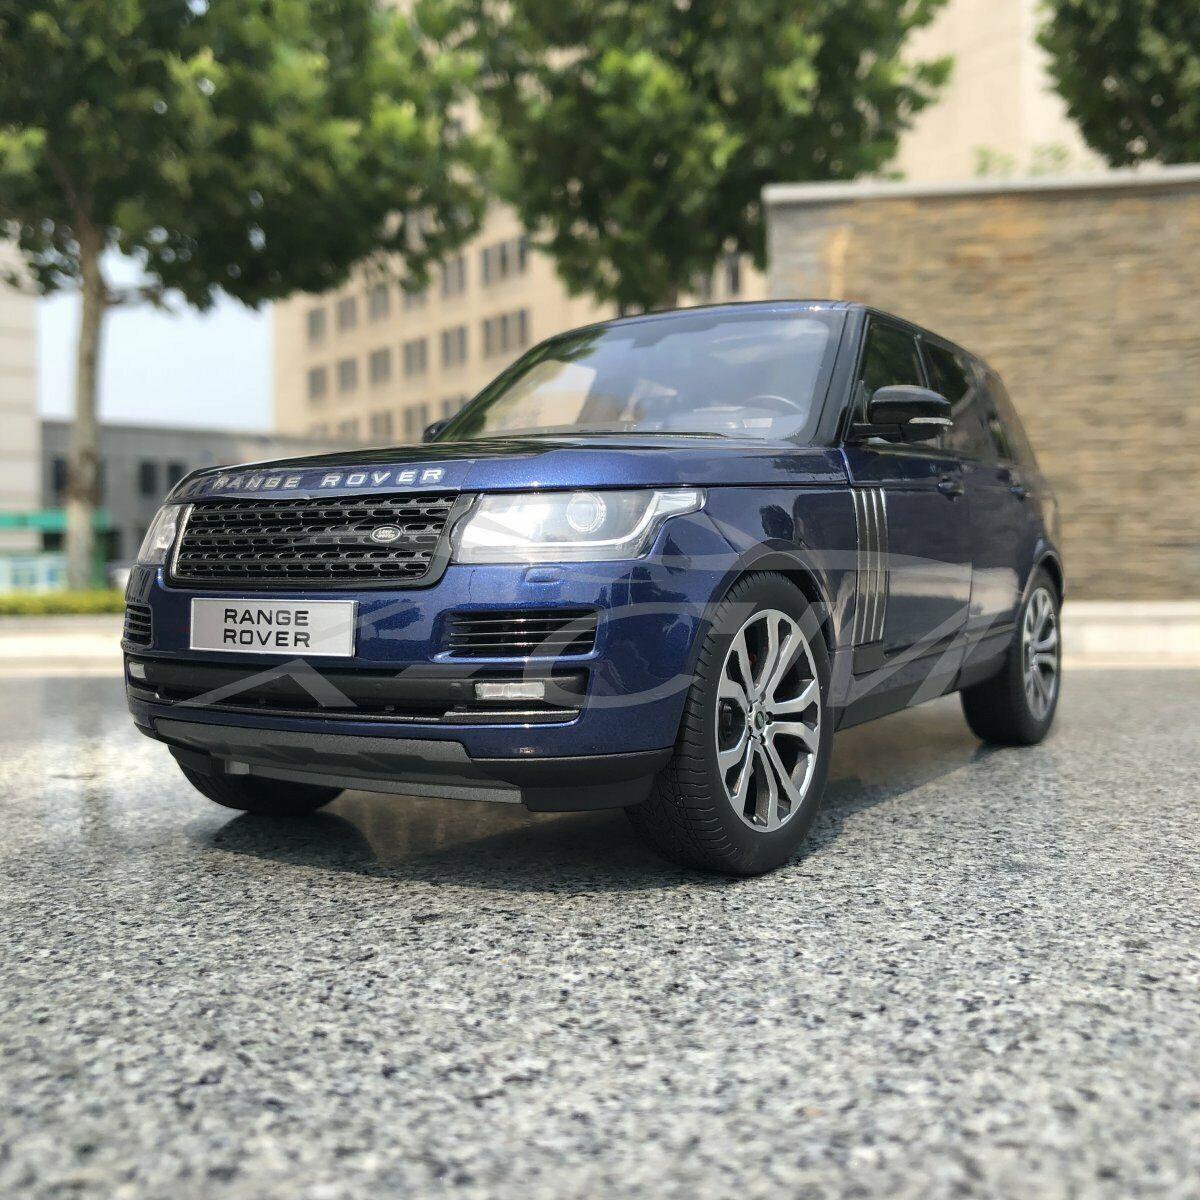 Modèle de voiture LCD Modèles Range  Rover 1 18 (bleu) + petit cadeau  vente